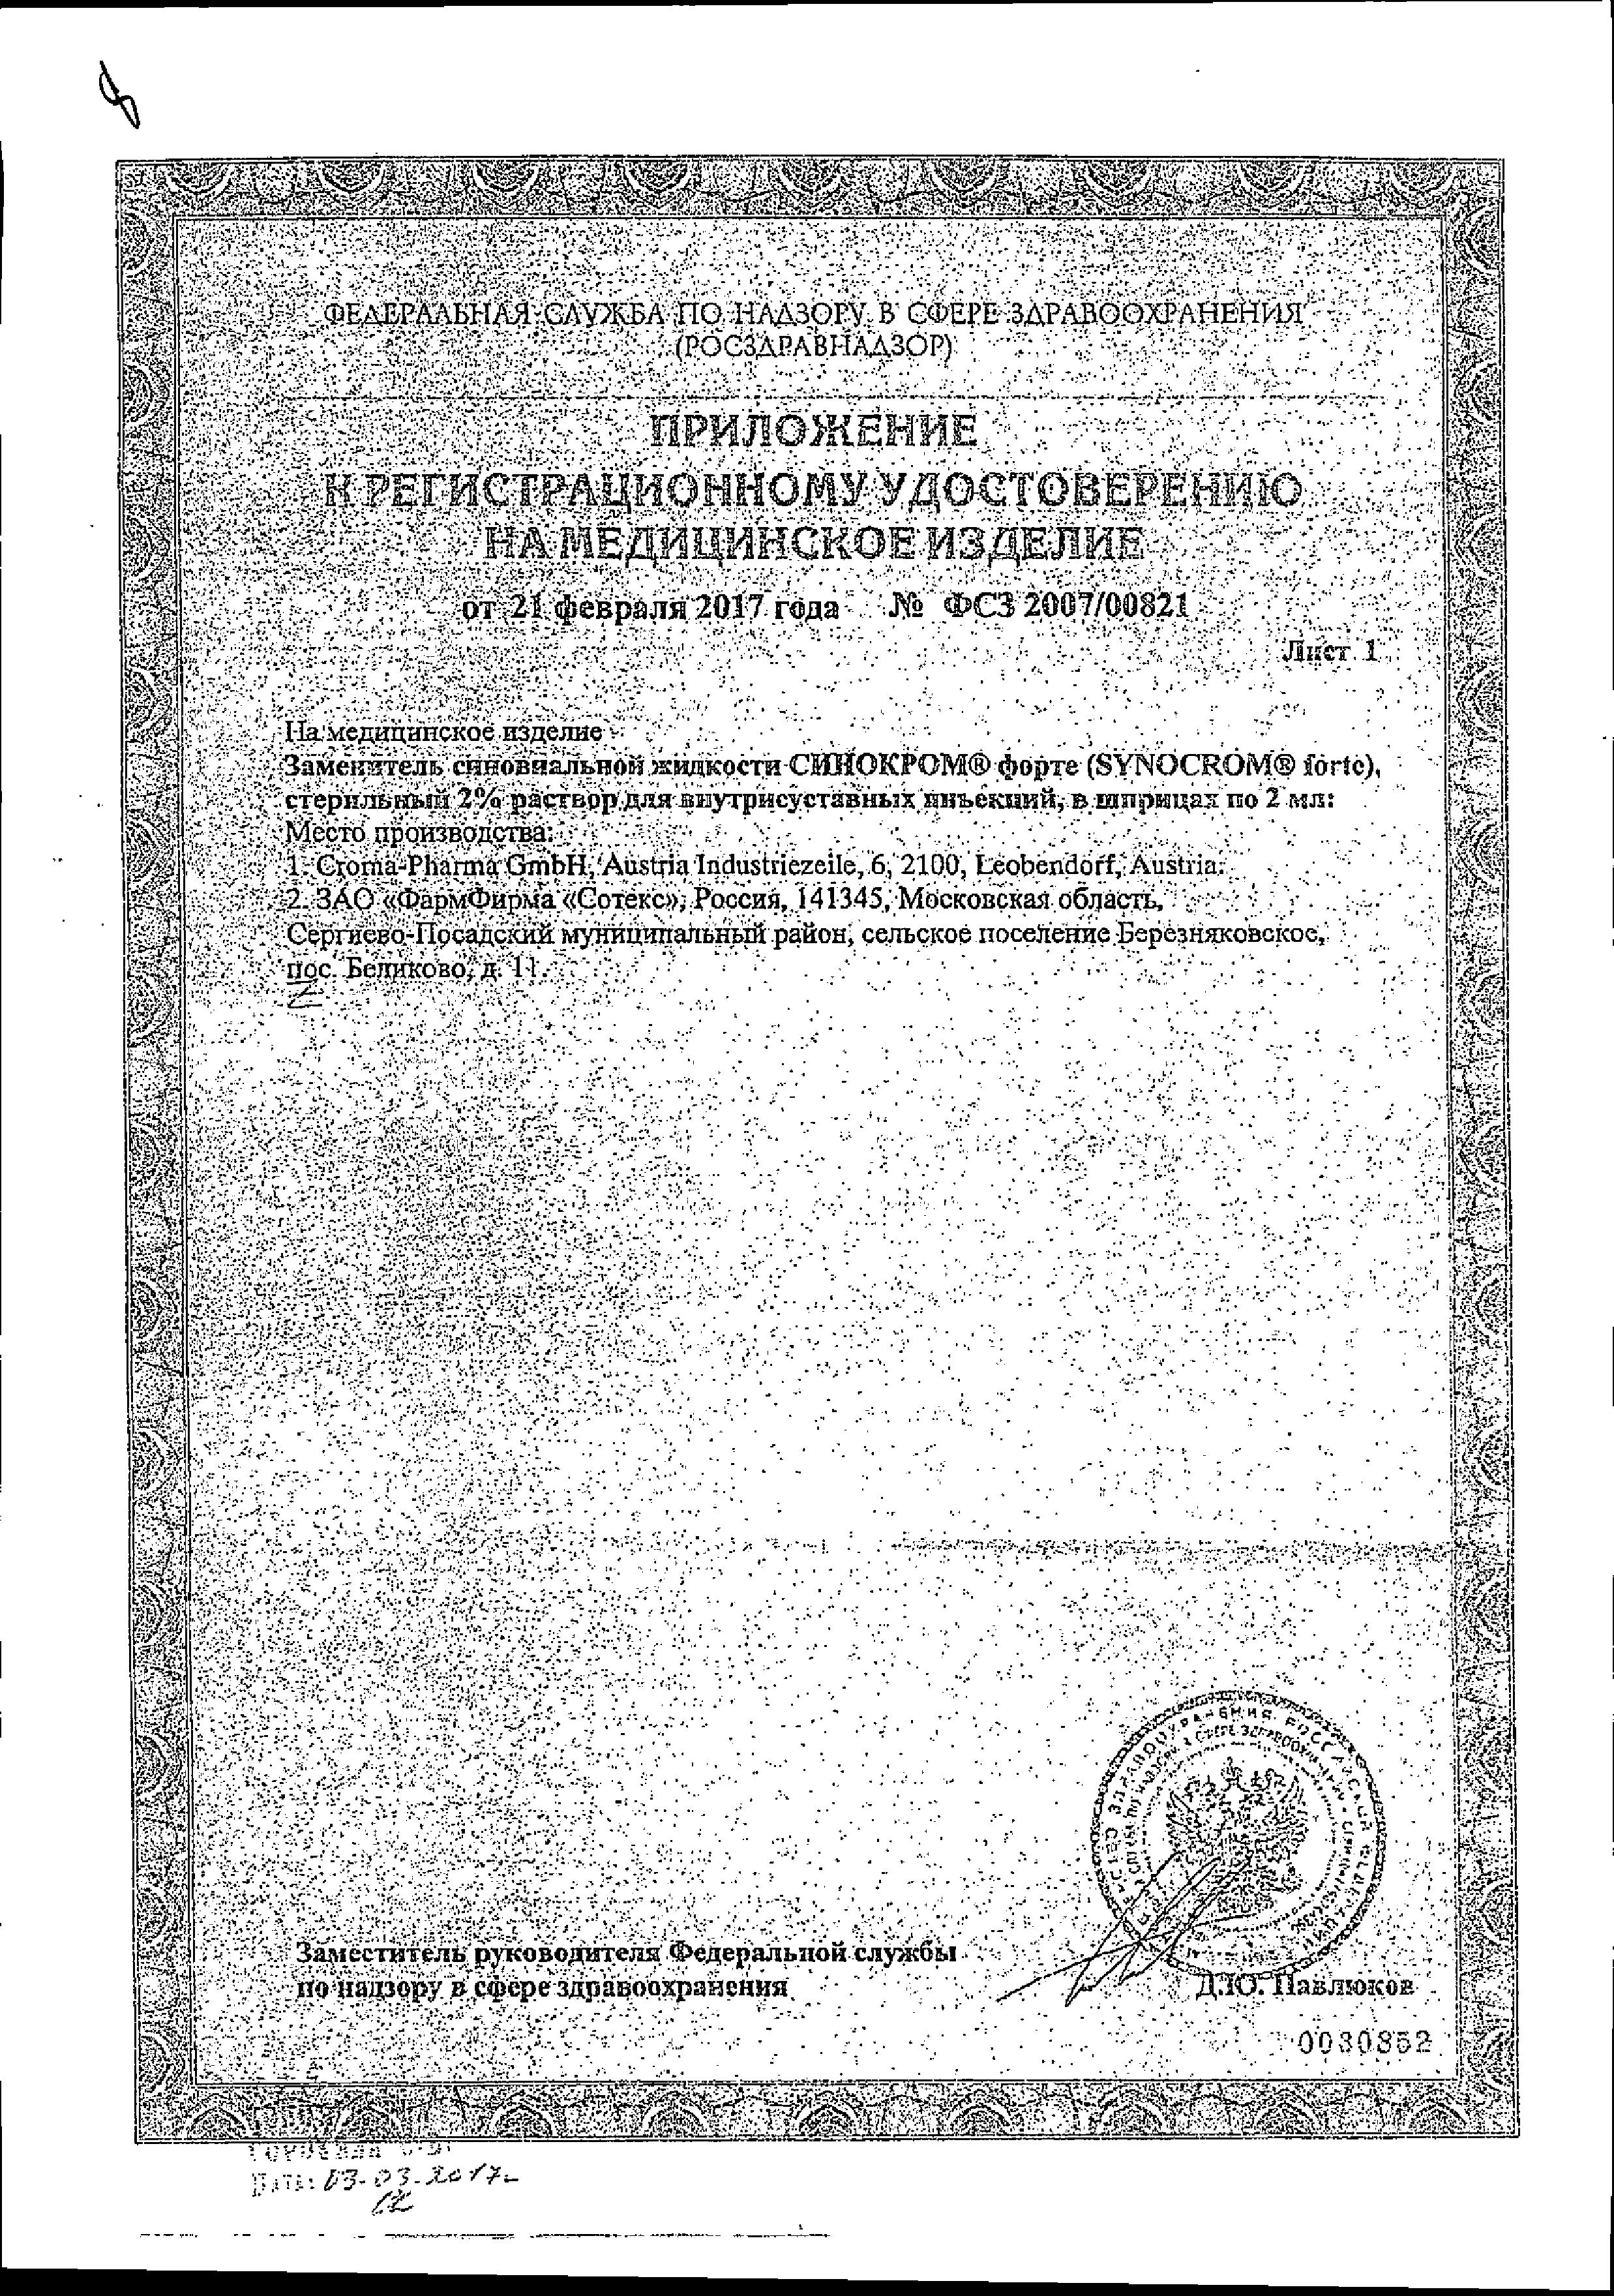 Синокром форте сертификат